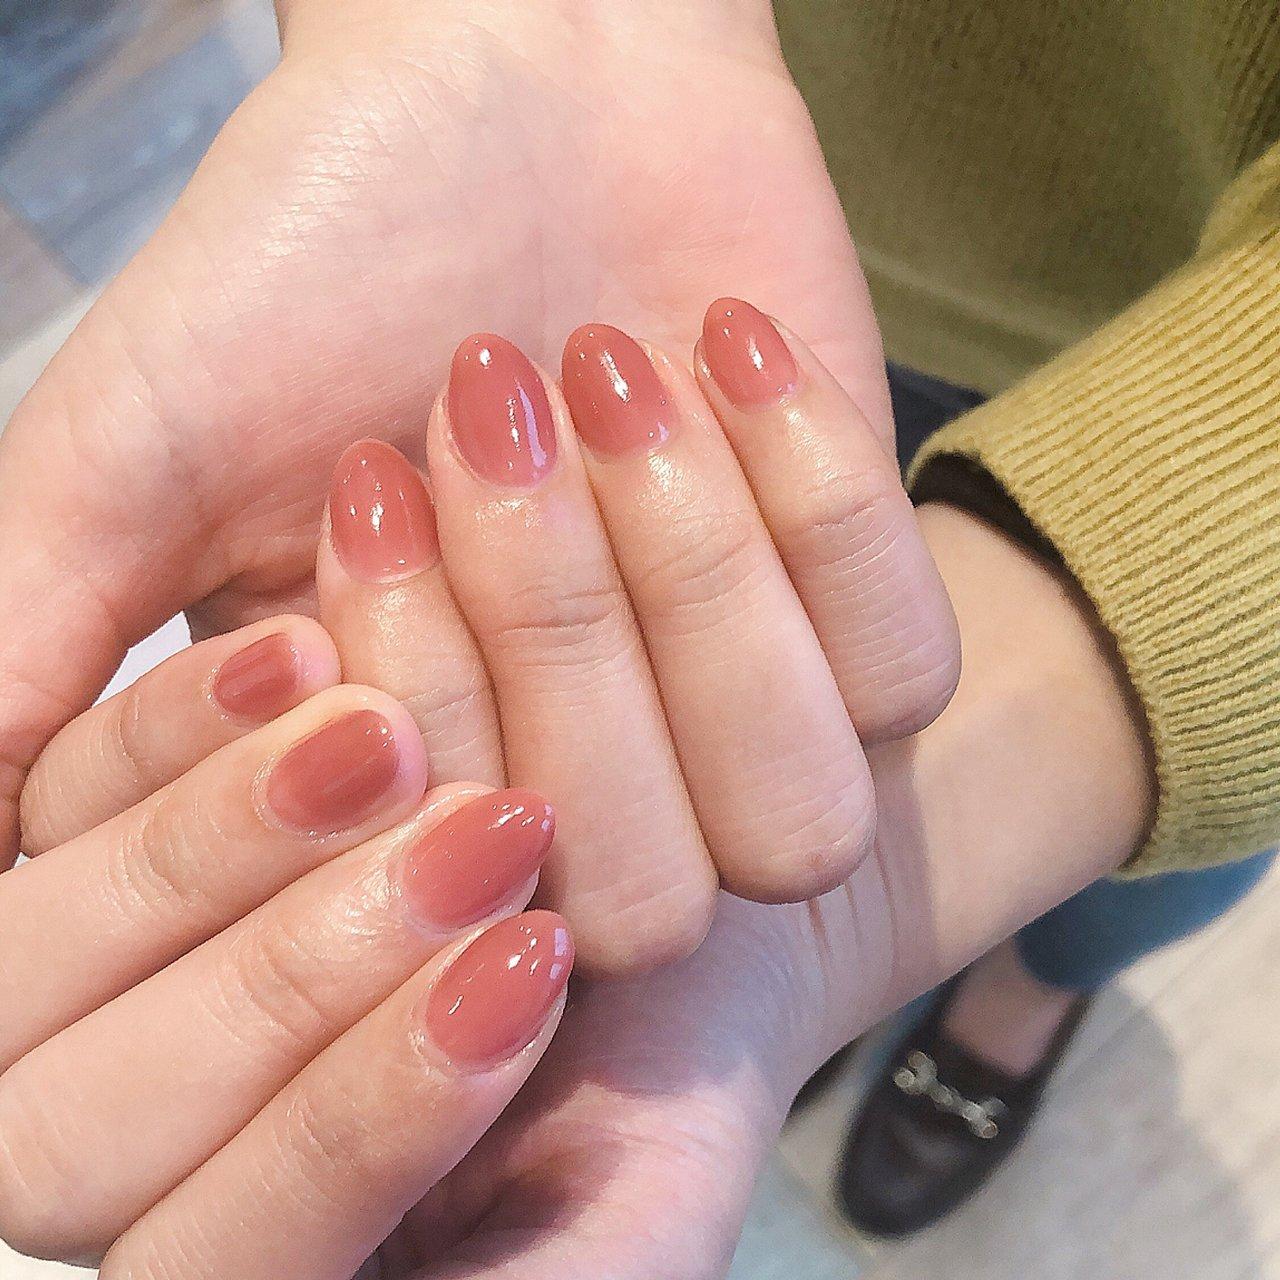 くすみ系ワンカラーネイルが人気 #ジェル#くすみピンク #くすみピンクネイル #くすみネイル#くすみ系ネイル #くすみブラウン #くすみパープル #シンプルネイル #オールシーズン #ワンカラー#ワンカラーネイル#オフィス #大人ネイル #春 #春ネイル#かわいい#かわいいネイル#ピンク#ピンクネイル#パステル #デート #女子会 #ニュアンスネイル #刈谷#豊田#豊明#東郷#大府#みよし#ココティエ #春 #夏 #オールシーズン #オフィス #ハンド #シンプル #グラデーション #ワンカラー #ニュアンス #ショート #ピンク #オレンジ #ブラウン #ジェル #お客様 #cocotier_naileyelash #ネイルブック